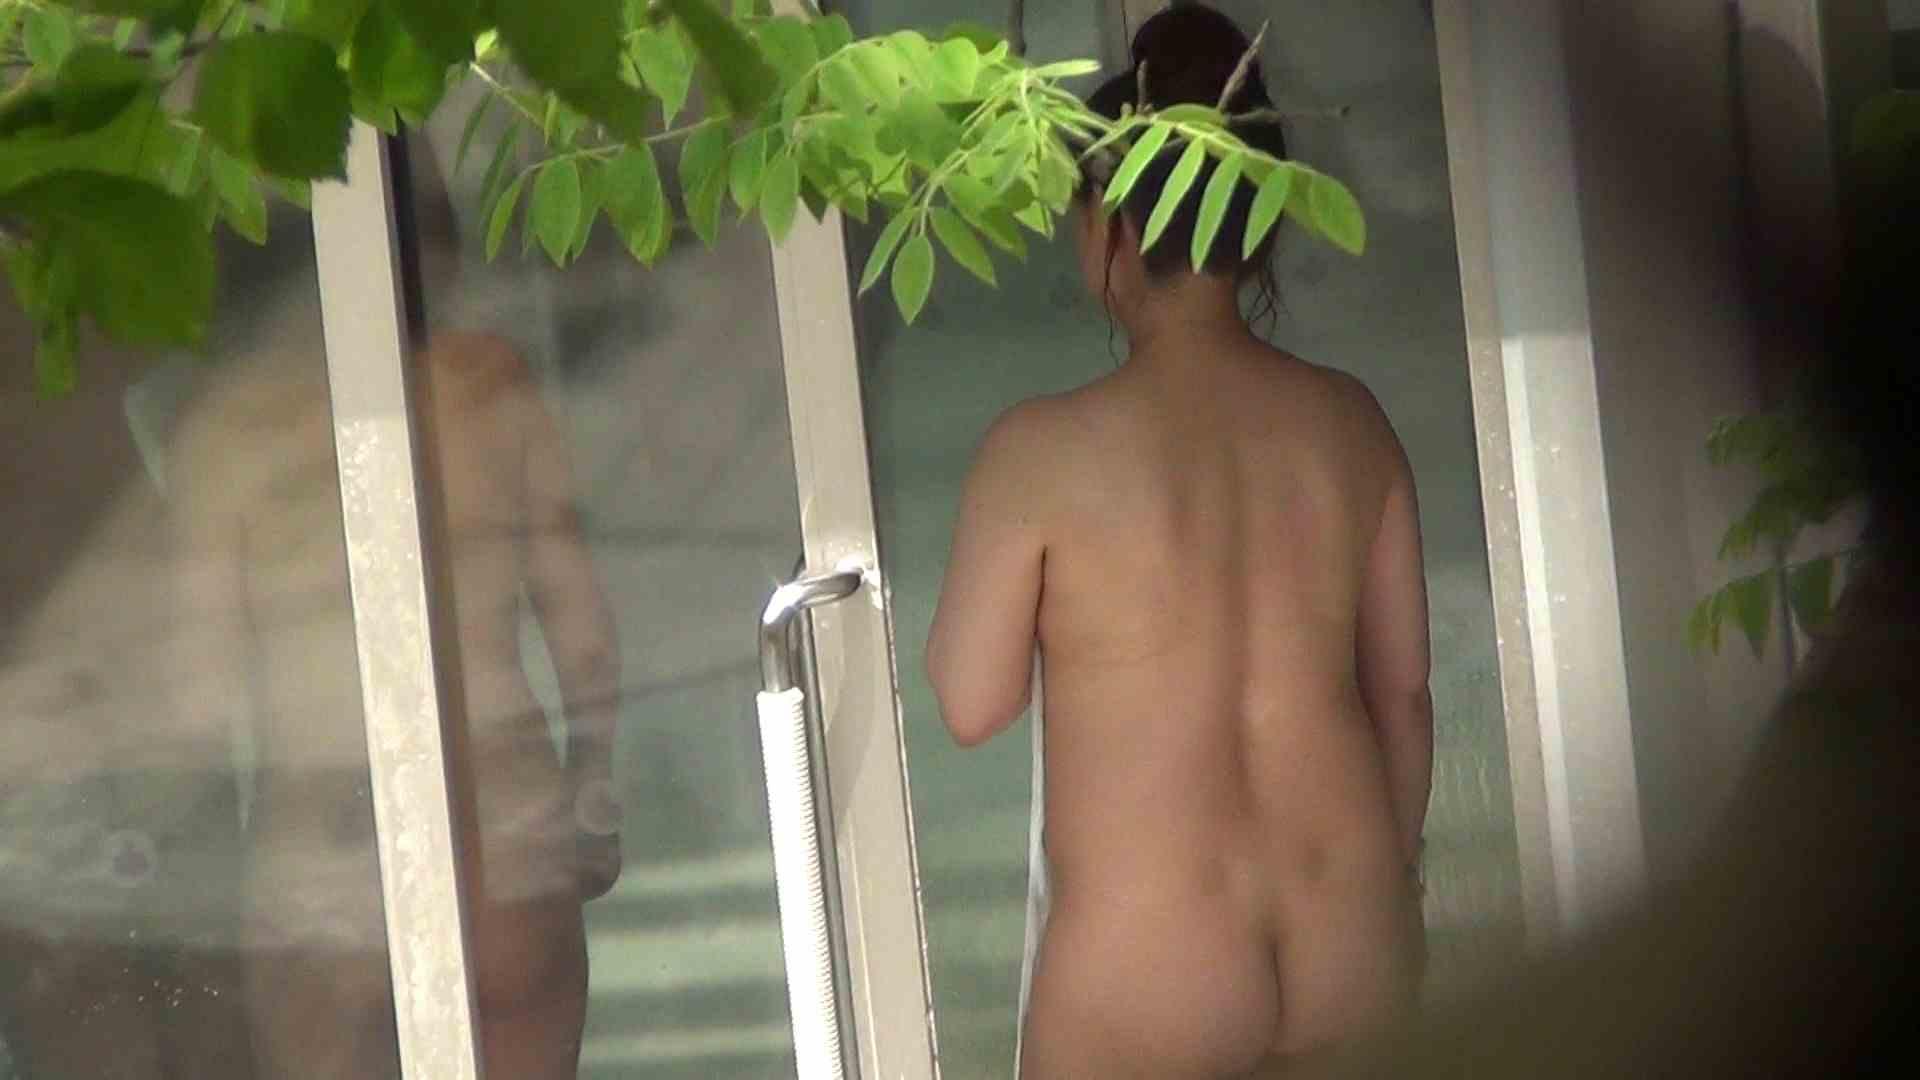 ハイビジョンVol.10 美女盛り合わせ No.4 裸体 | OL女体  96連発 89